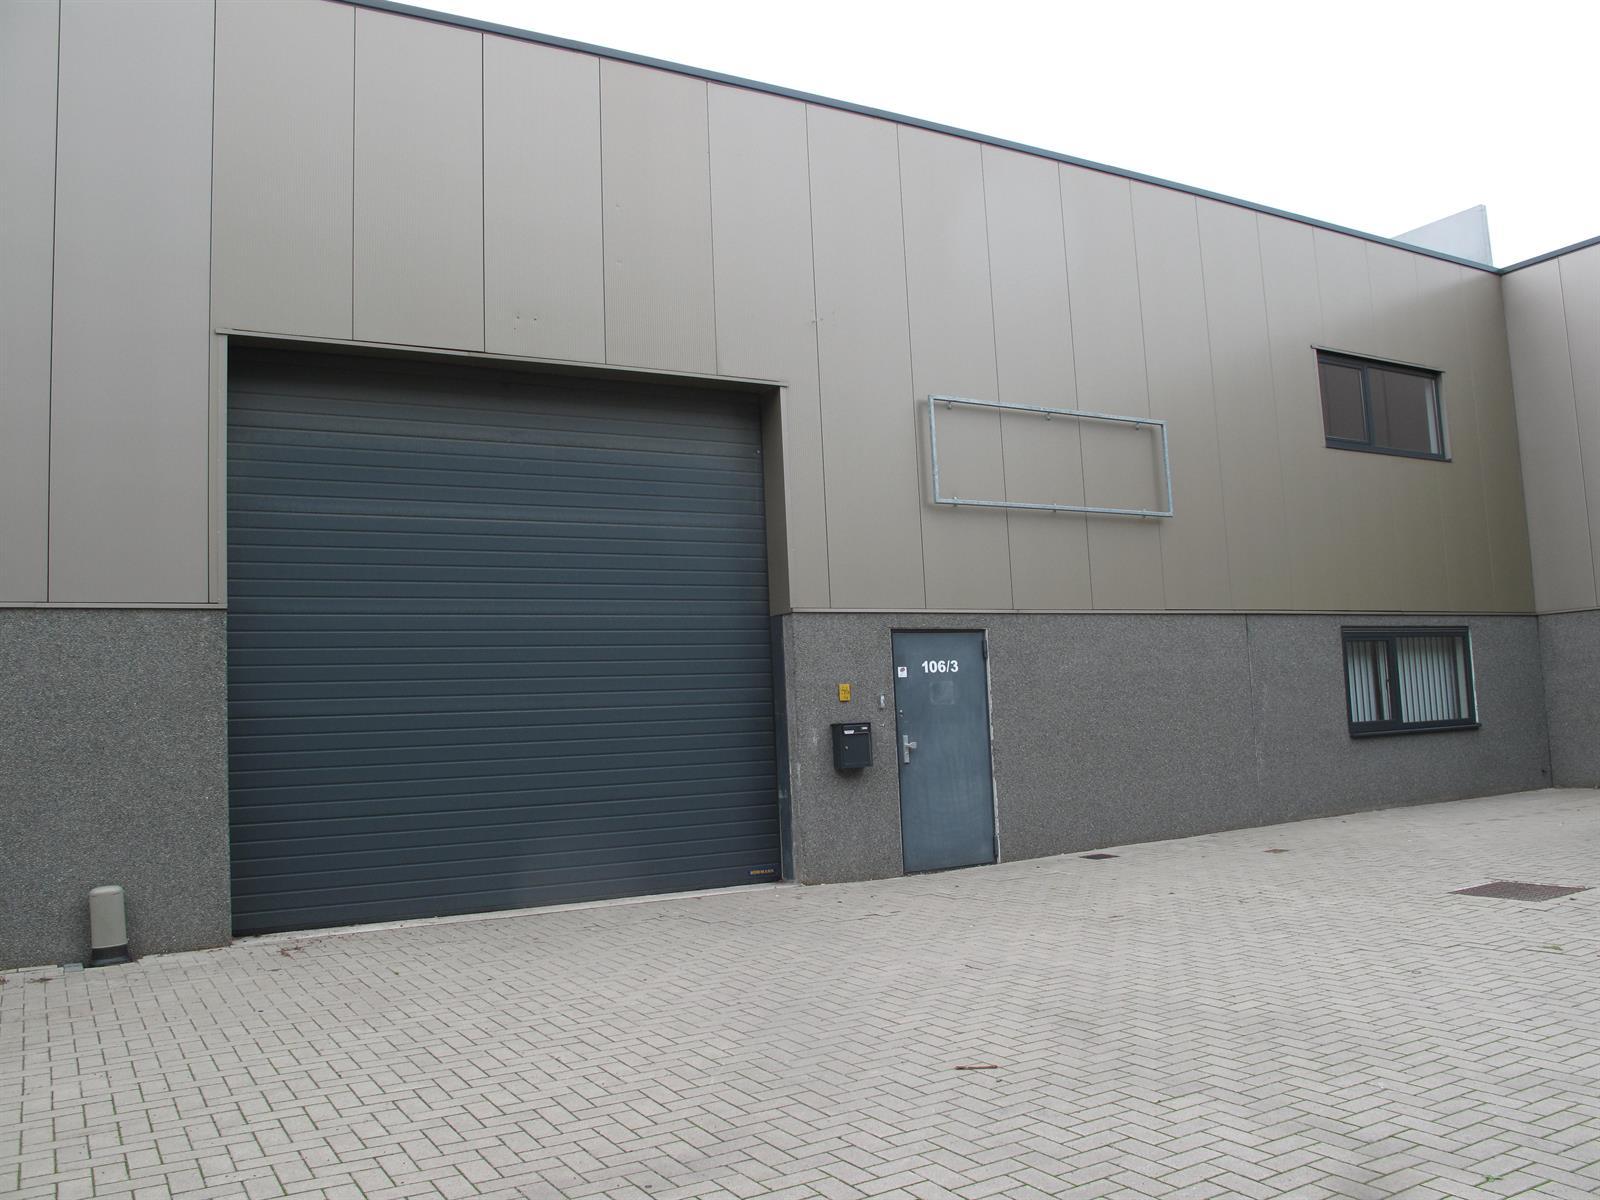 kantoren & magazijn te huur I136 - Oostmalsesteenweg  106 2A, 2520 Ranst Emblem, België 2